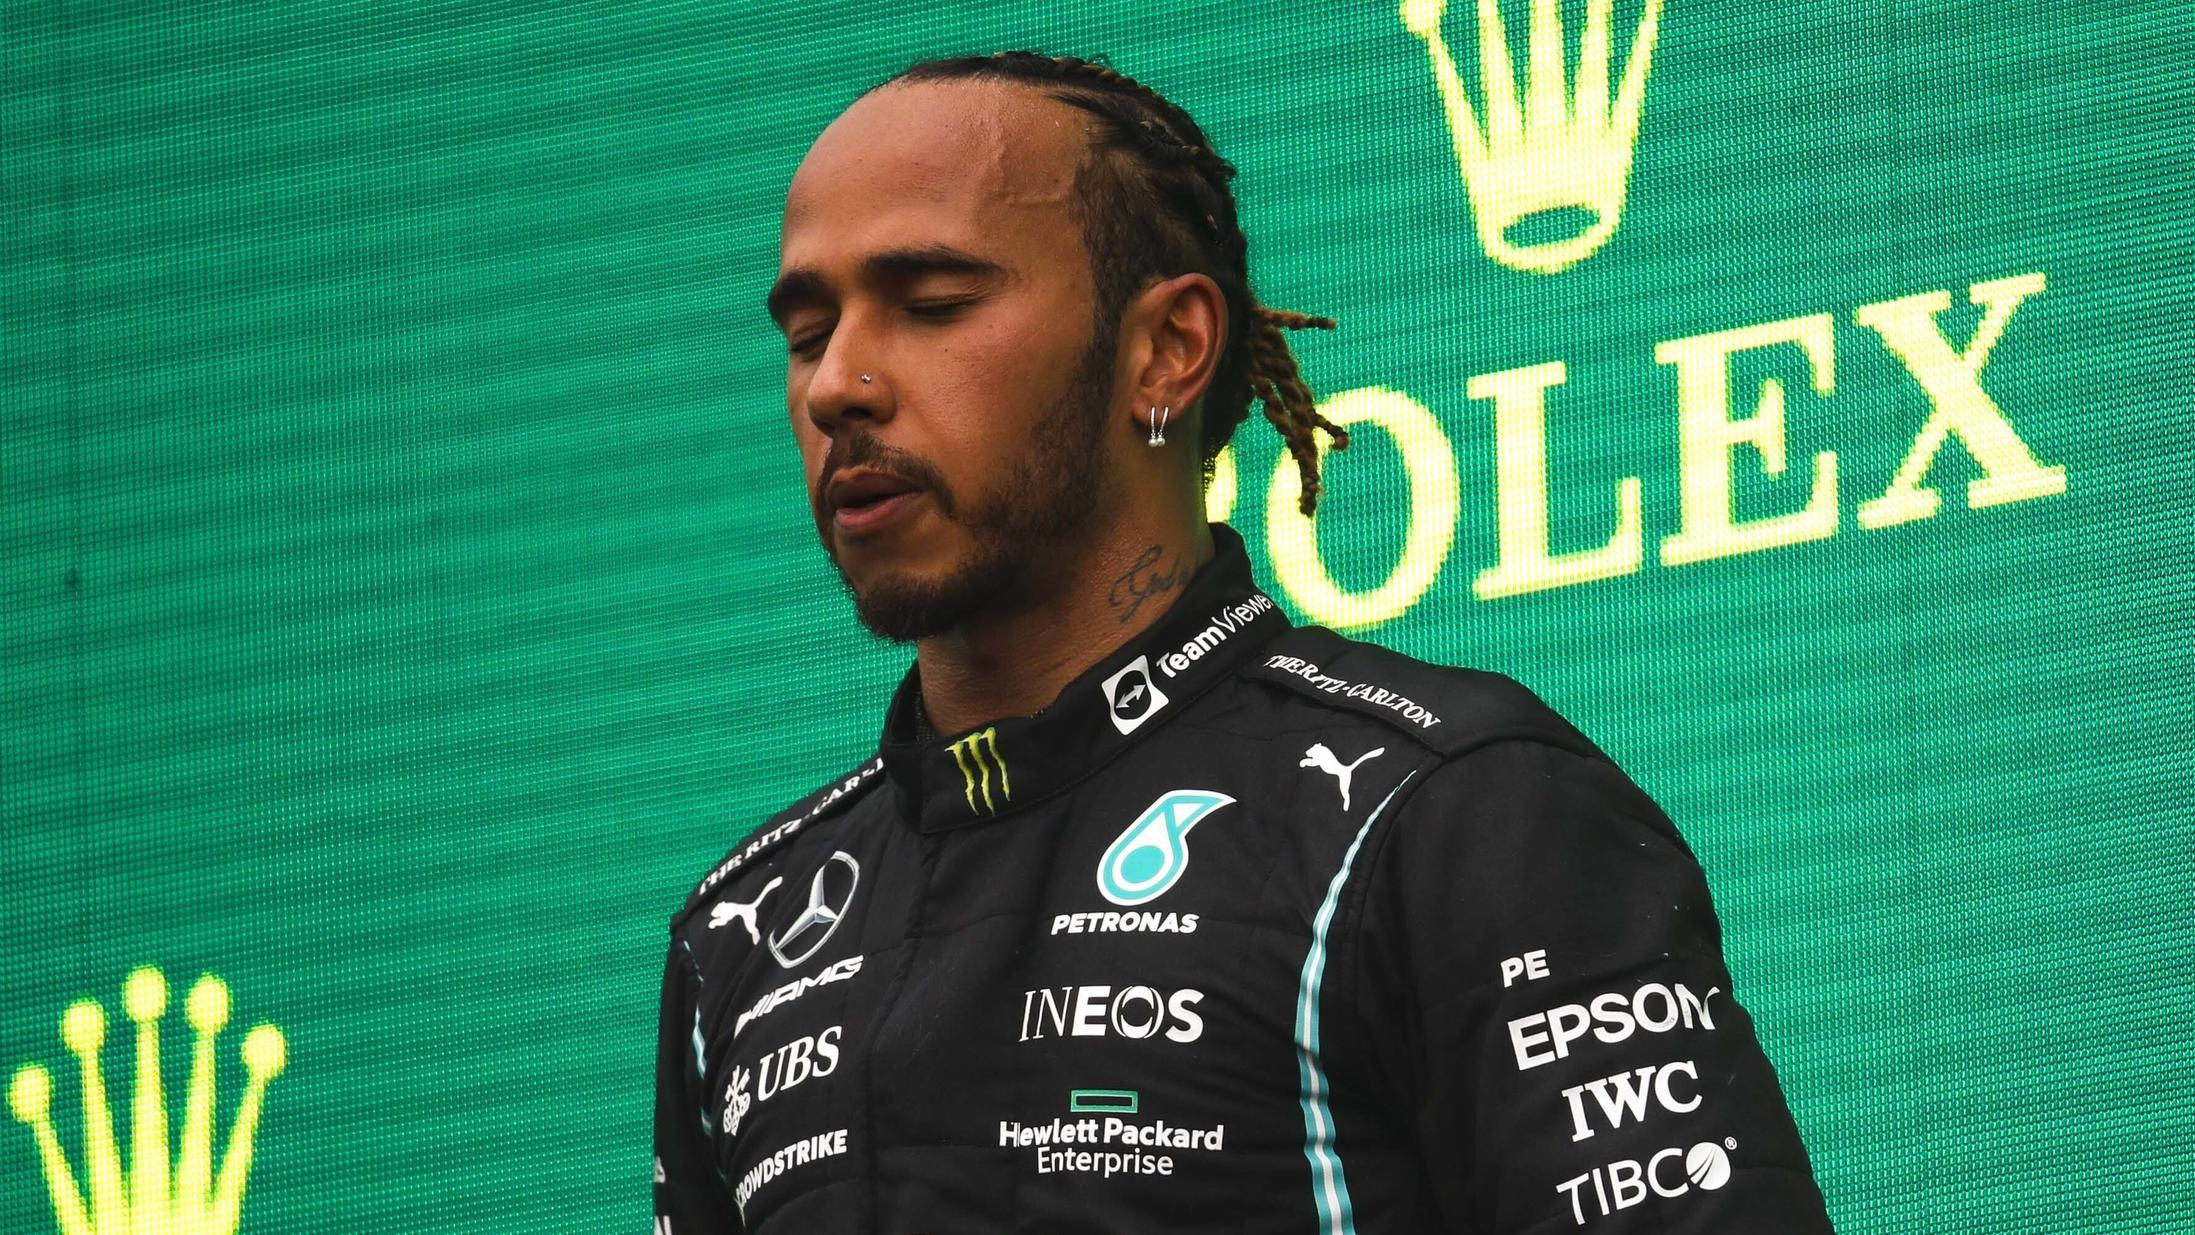 Formel 1 - Lewis Hamilton: Red Bull mitverantwortlich für teils rassistische Anfeindungen